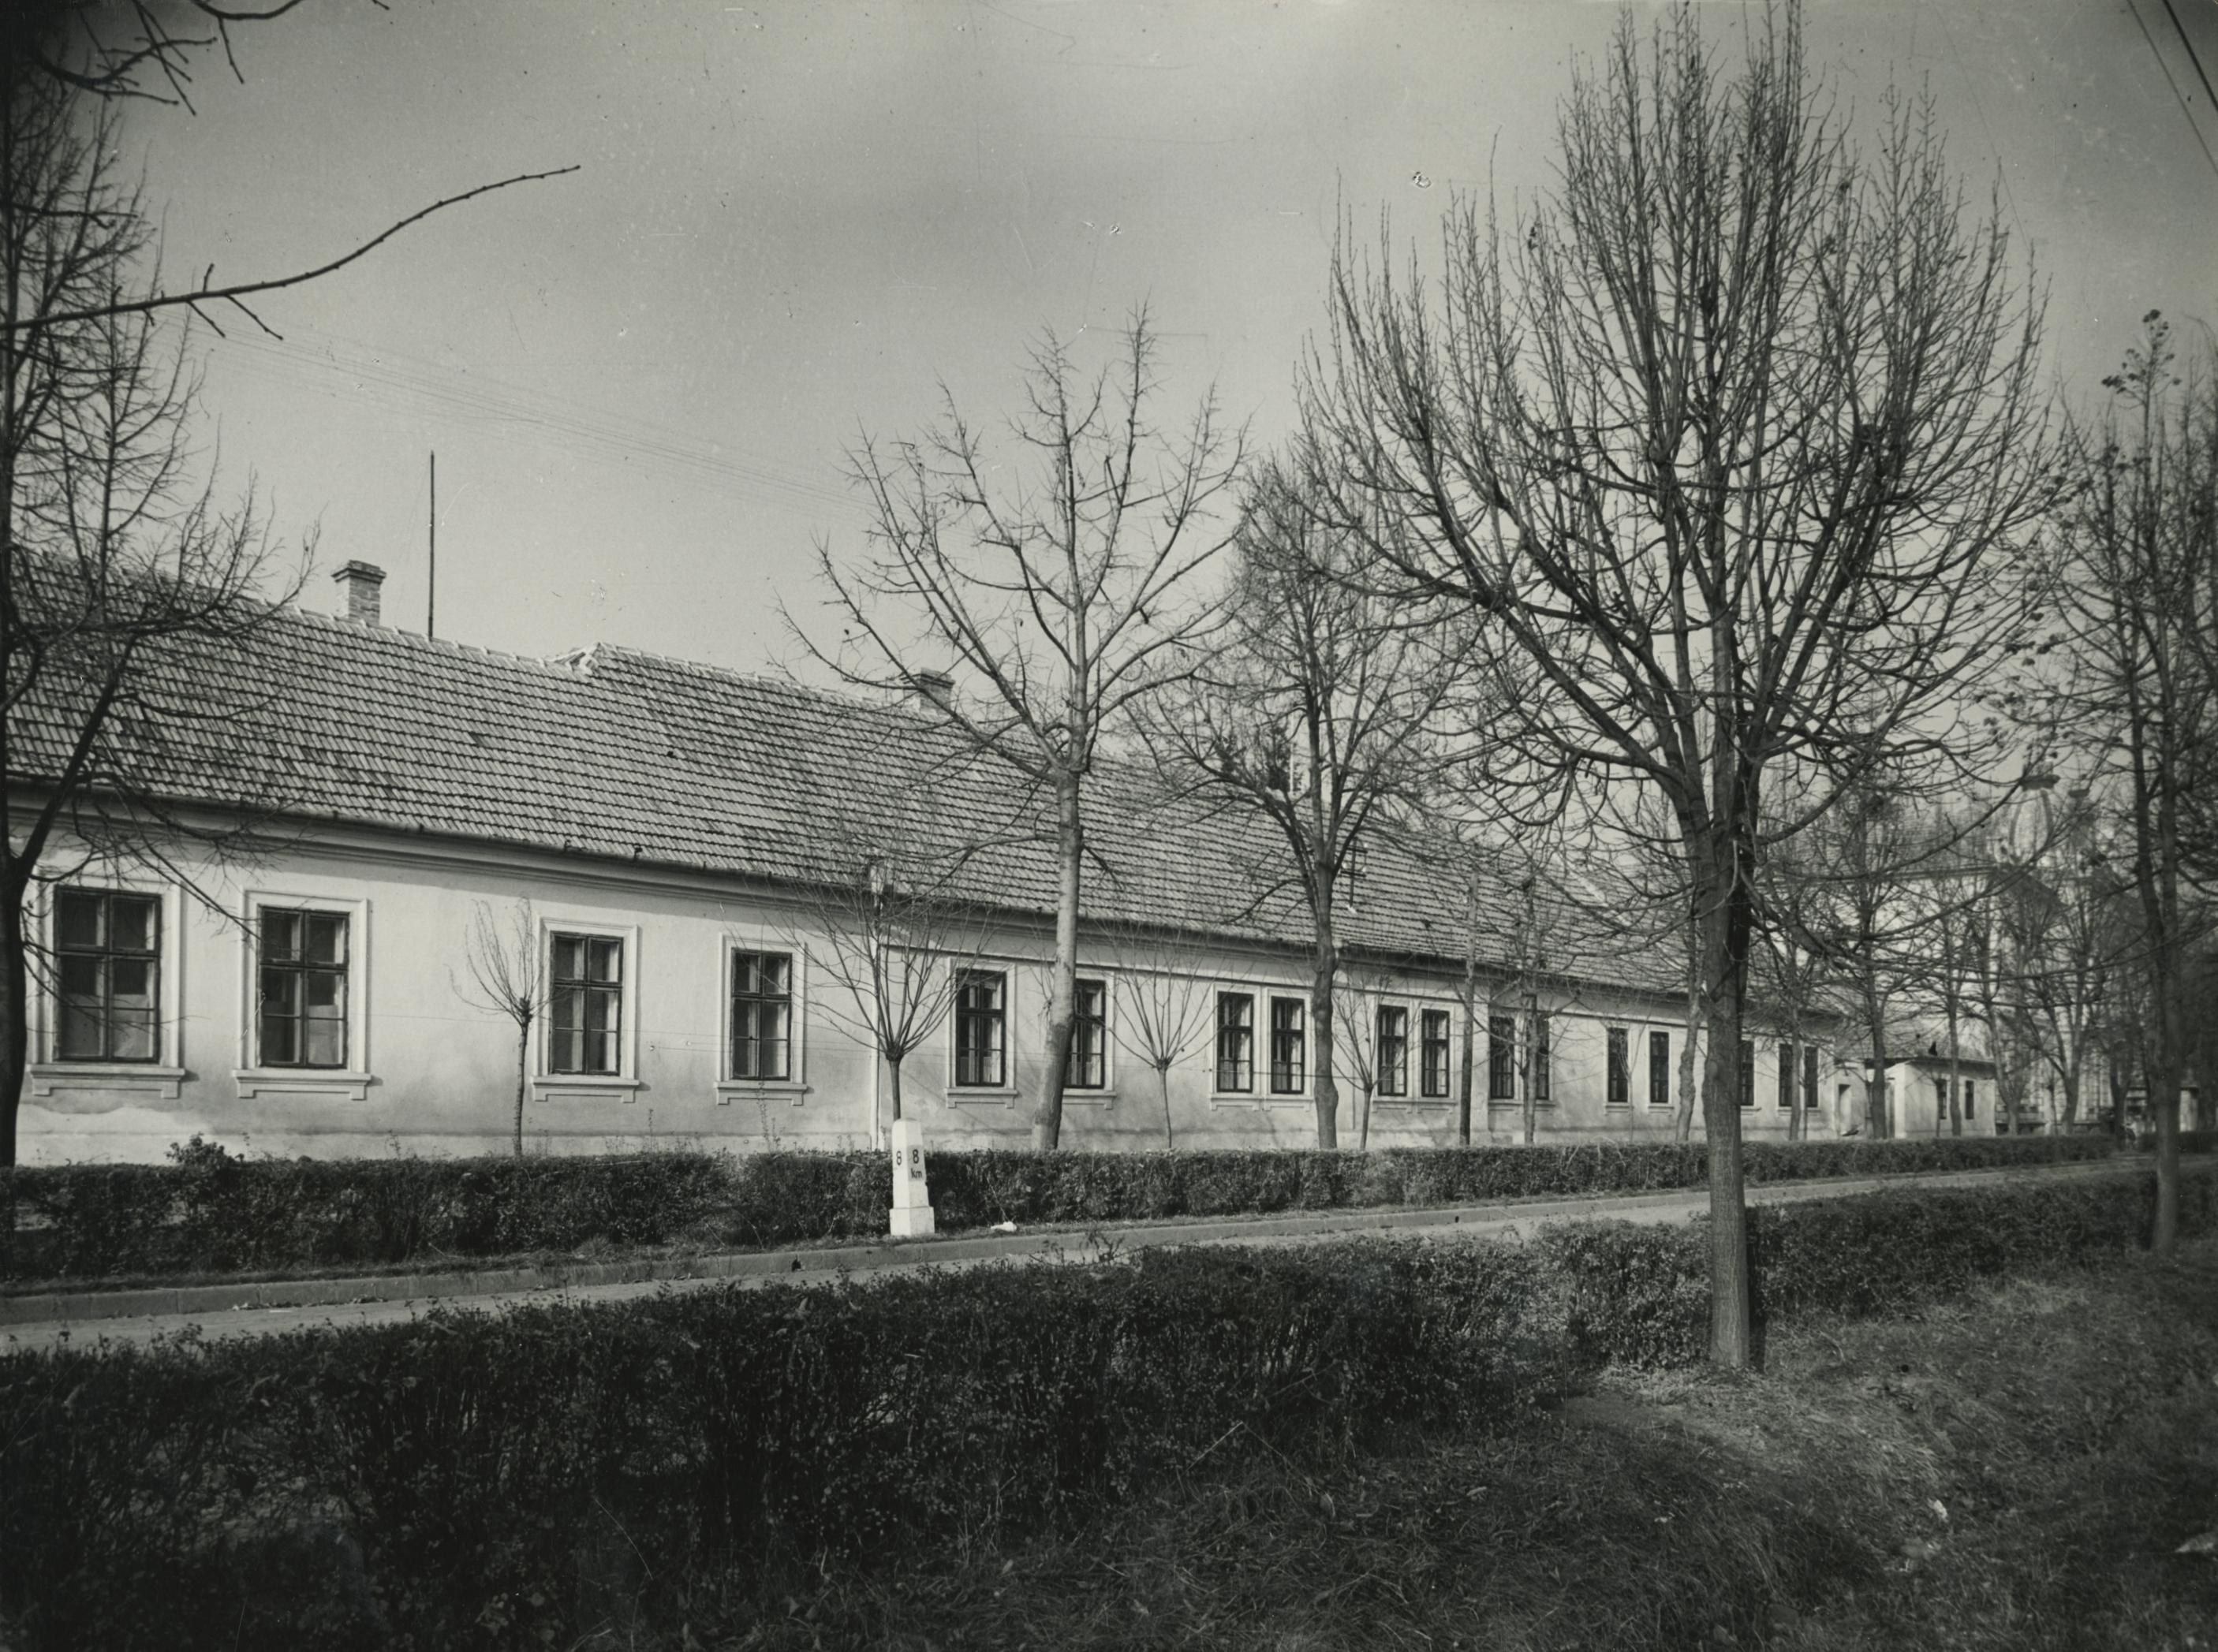 A békési Petőfi Sándor utca 4. szám alatti járási tanács épülete